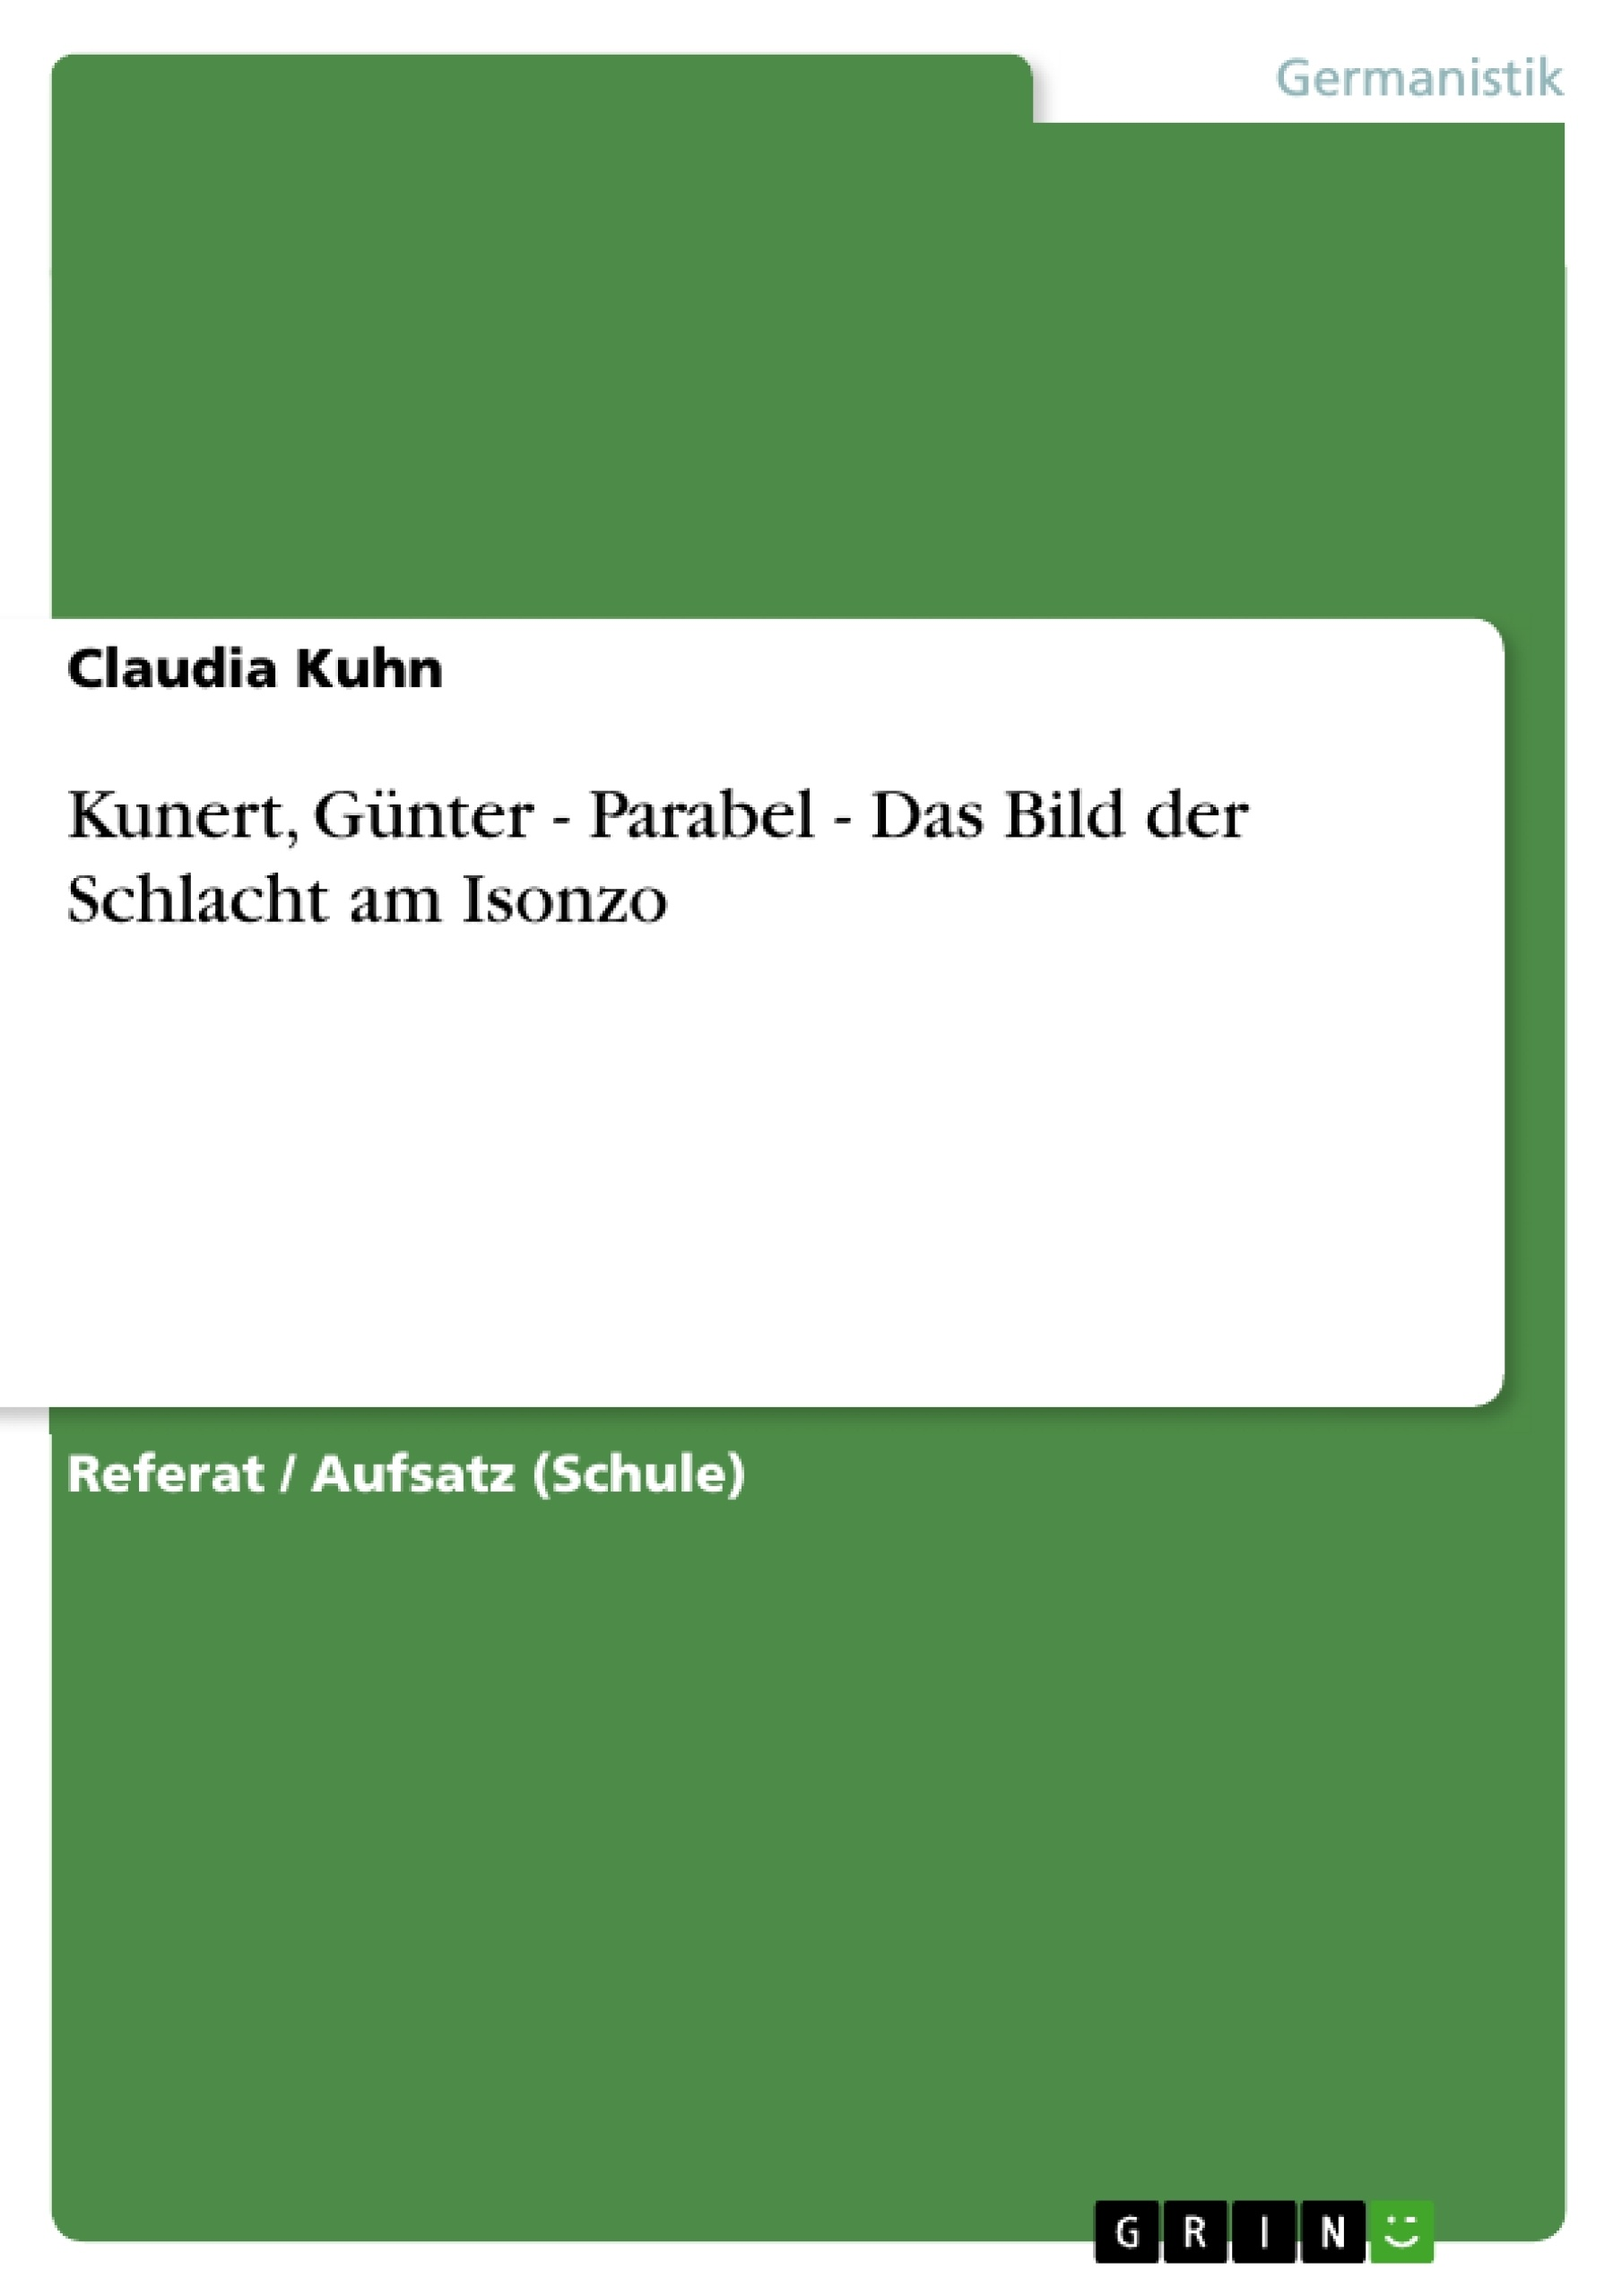 Titel: Kunert, Günter - Parabel - Das Bild der Schlacht am Isonzo